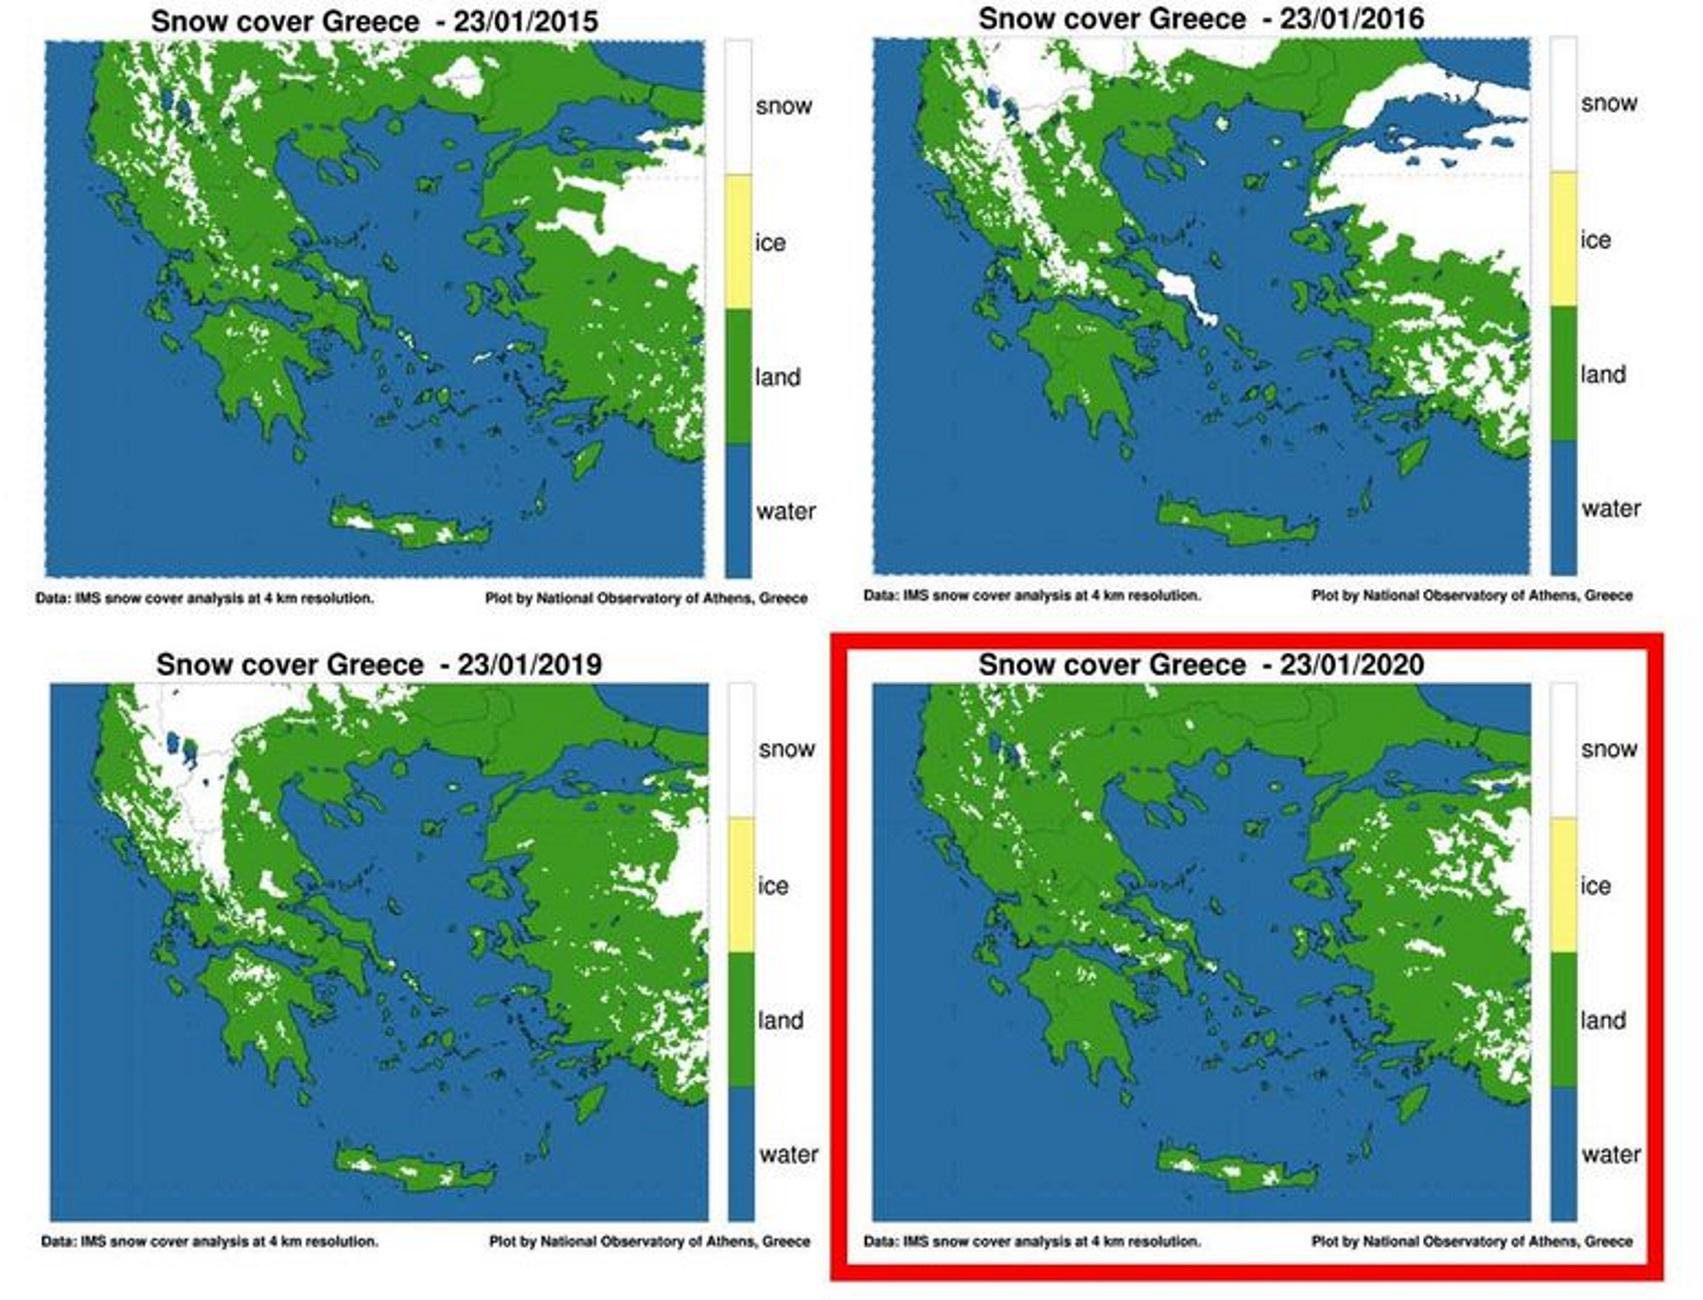 Καιρός: Προβληματίζουν οι δορυφορικές εικόνες πάνω από την Ελλάδα! Η σύγκριση της τελευταίας 15ετίας [pics]